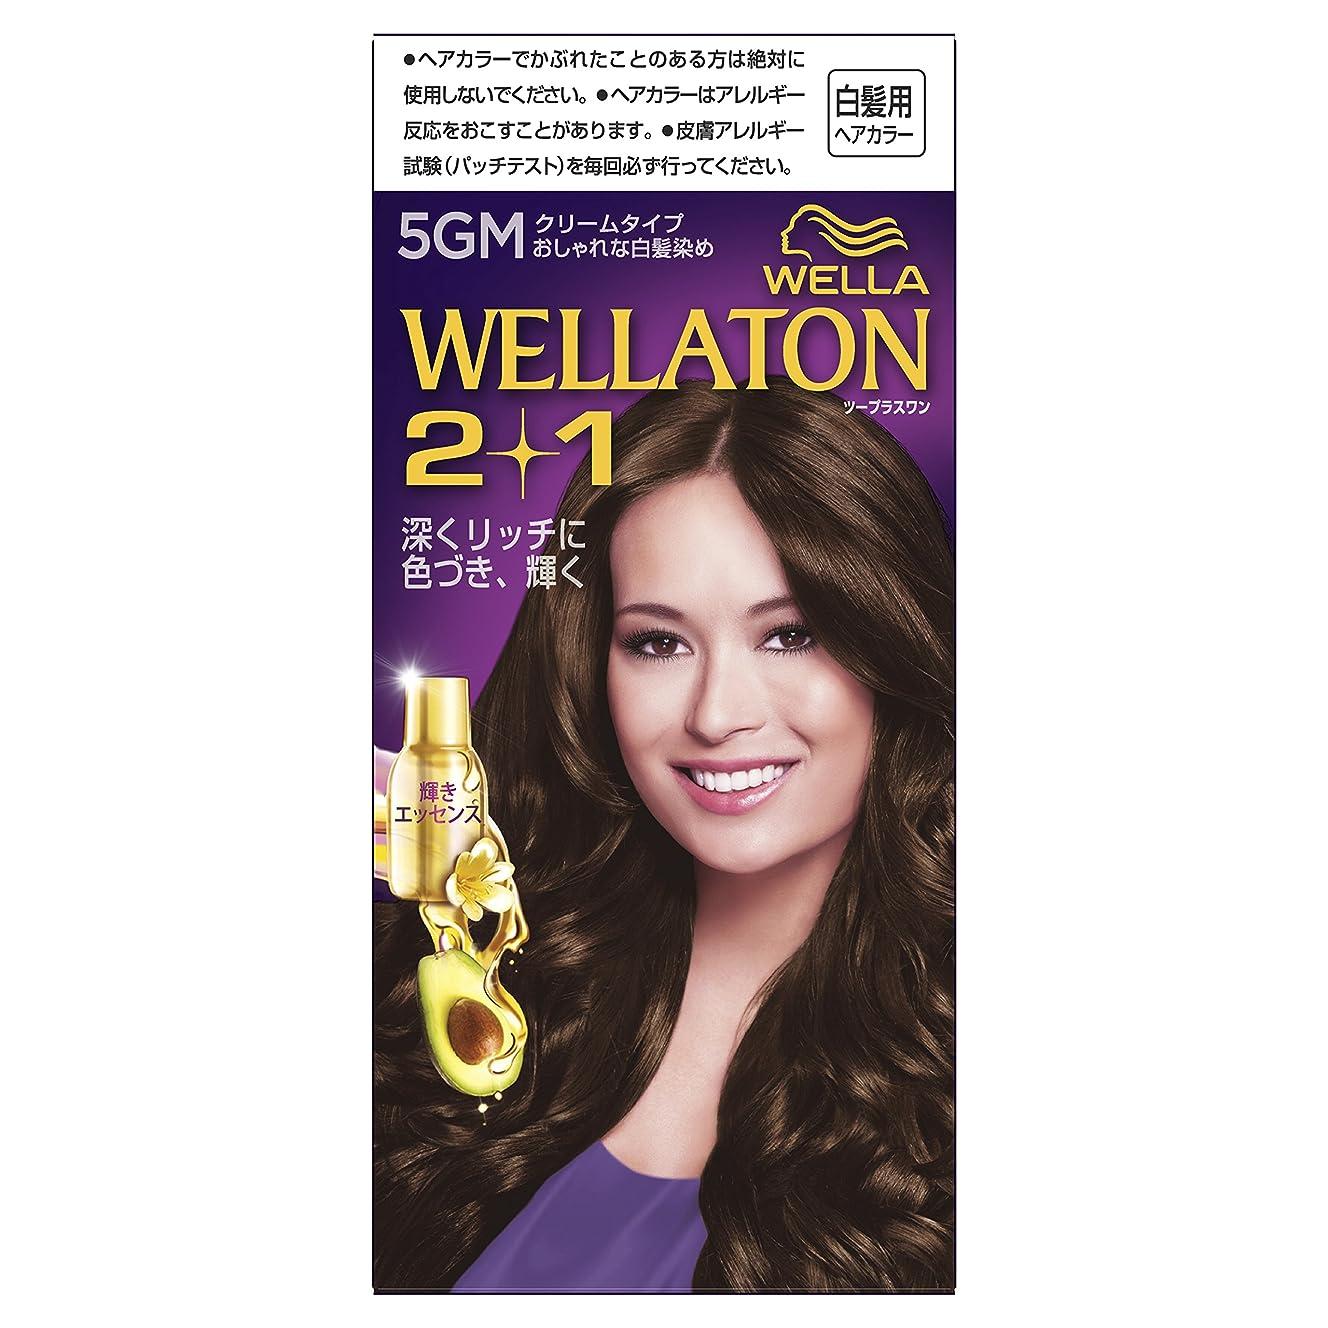 シャイニング保存違反するウエラトーン2+1 クリームタイプ 5GM [医薬部外品](おしゃれな白髪染め)